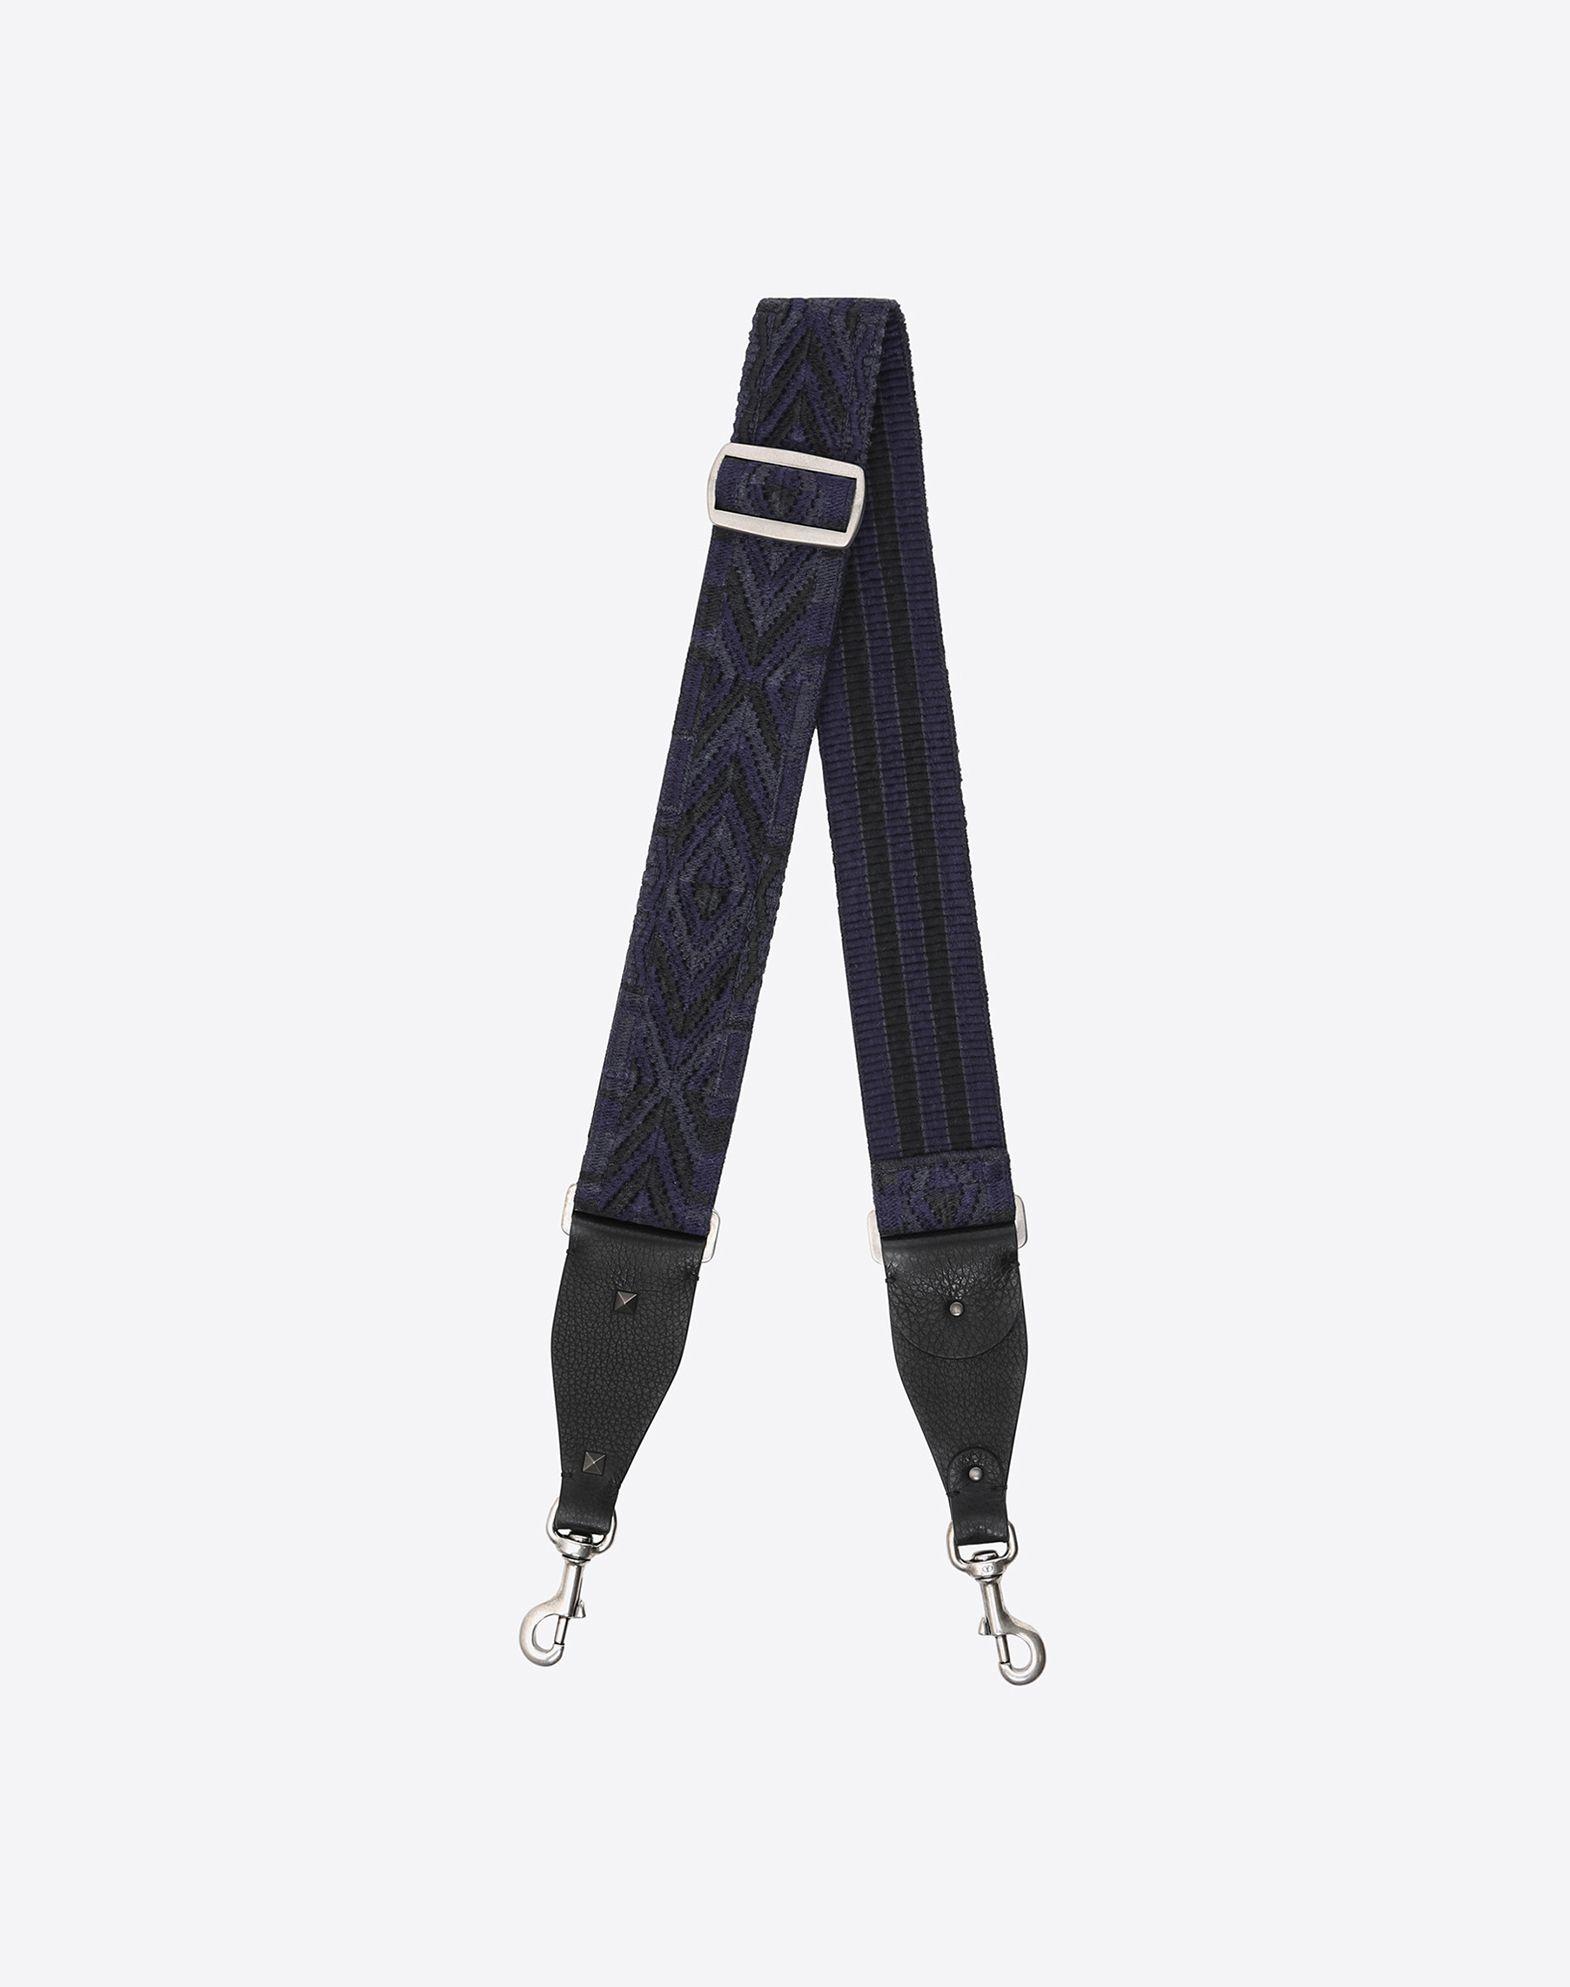 VALENTINO GARAVANI UOMO Native Couture Strap STRAP U f